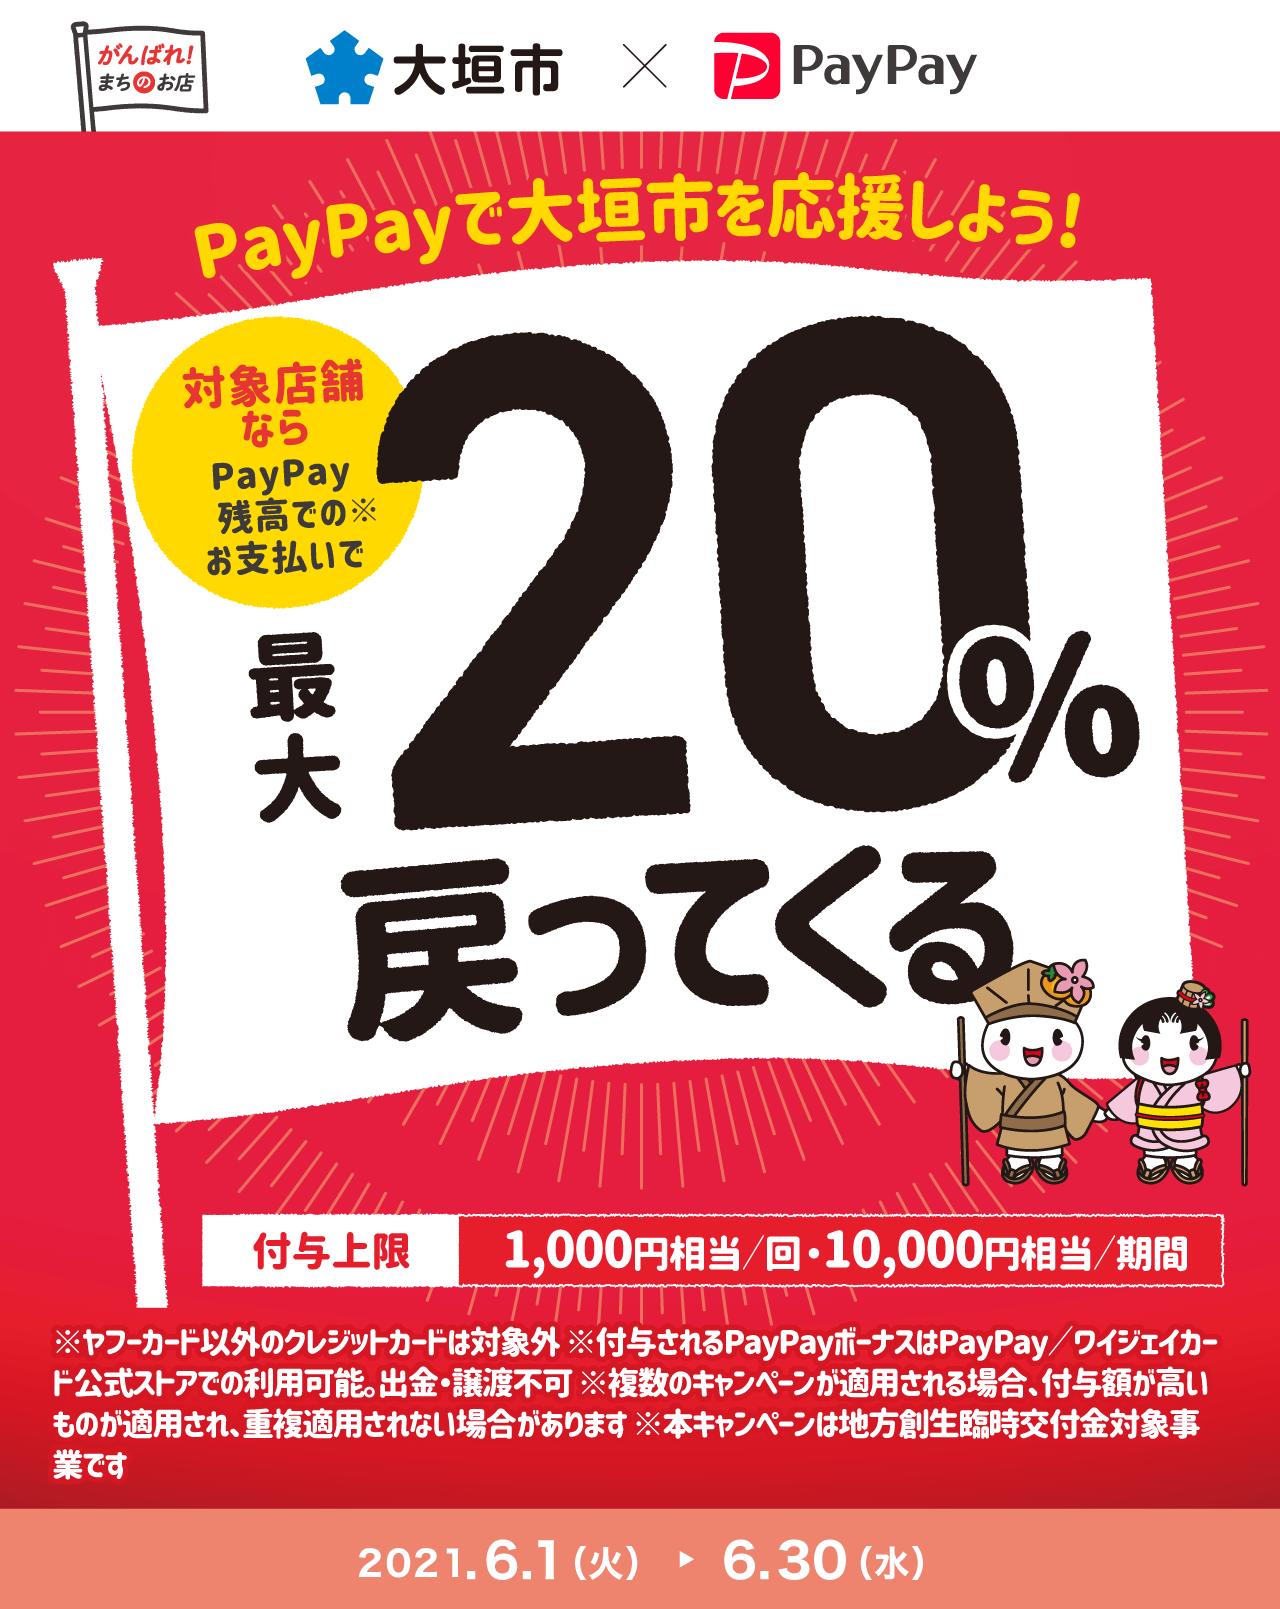 PayPayで大垣市を応援しよう! 対象店舗ならPayPay残高でのお支払いで最大20%戻ってくる